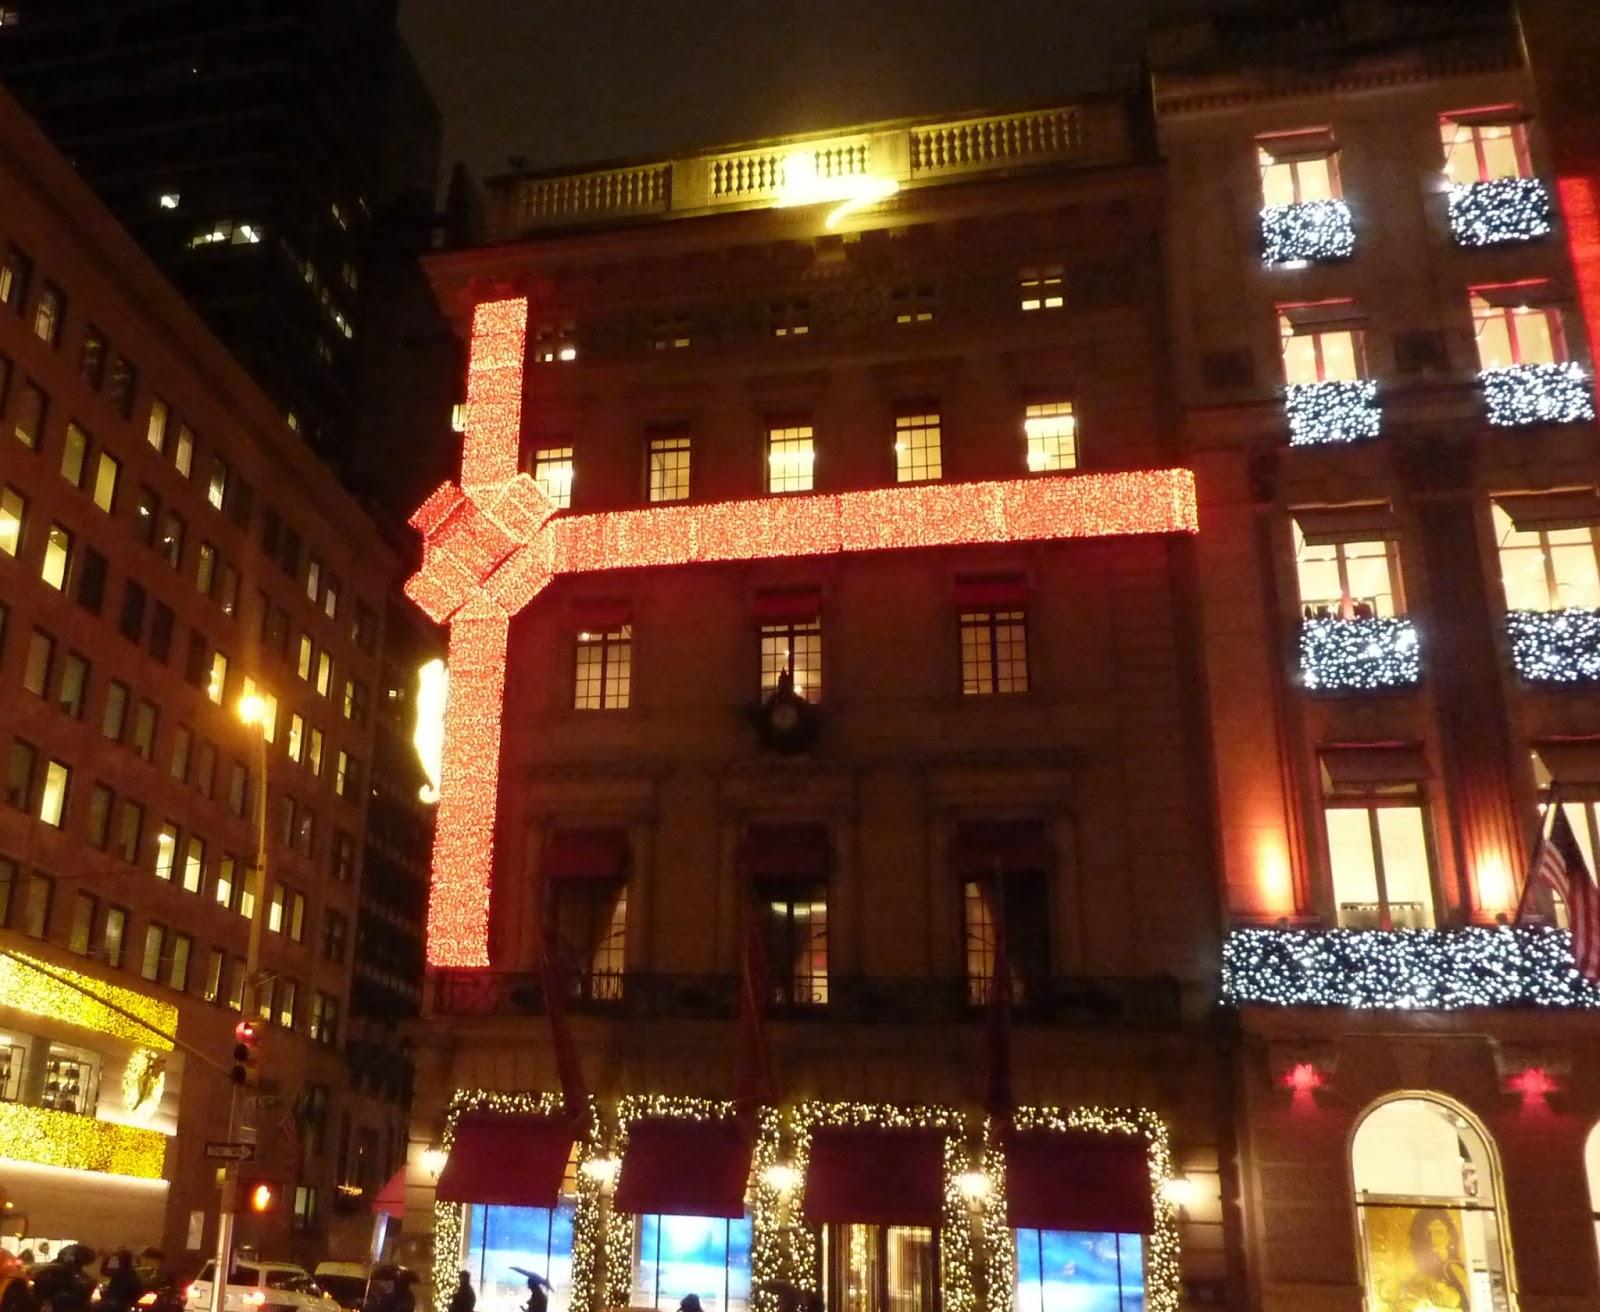 #B39C18 L' Esprit De Noël à New York #1: Les Vitrines Et Les  5469 decorations de noel new york 1600x1312 px @ aertt.com